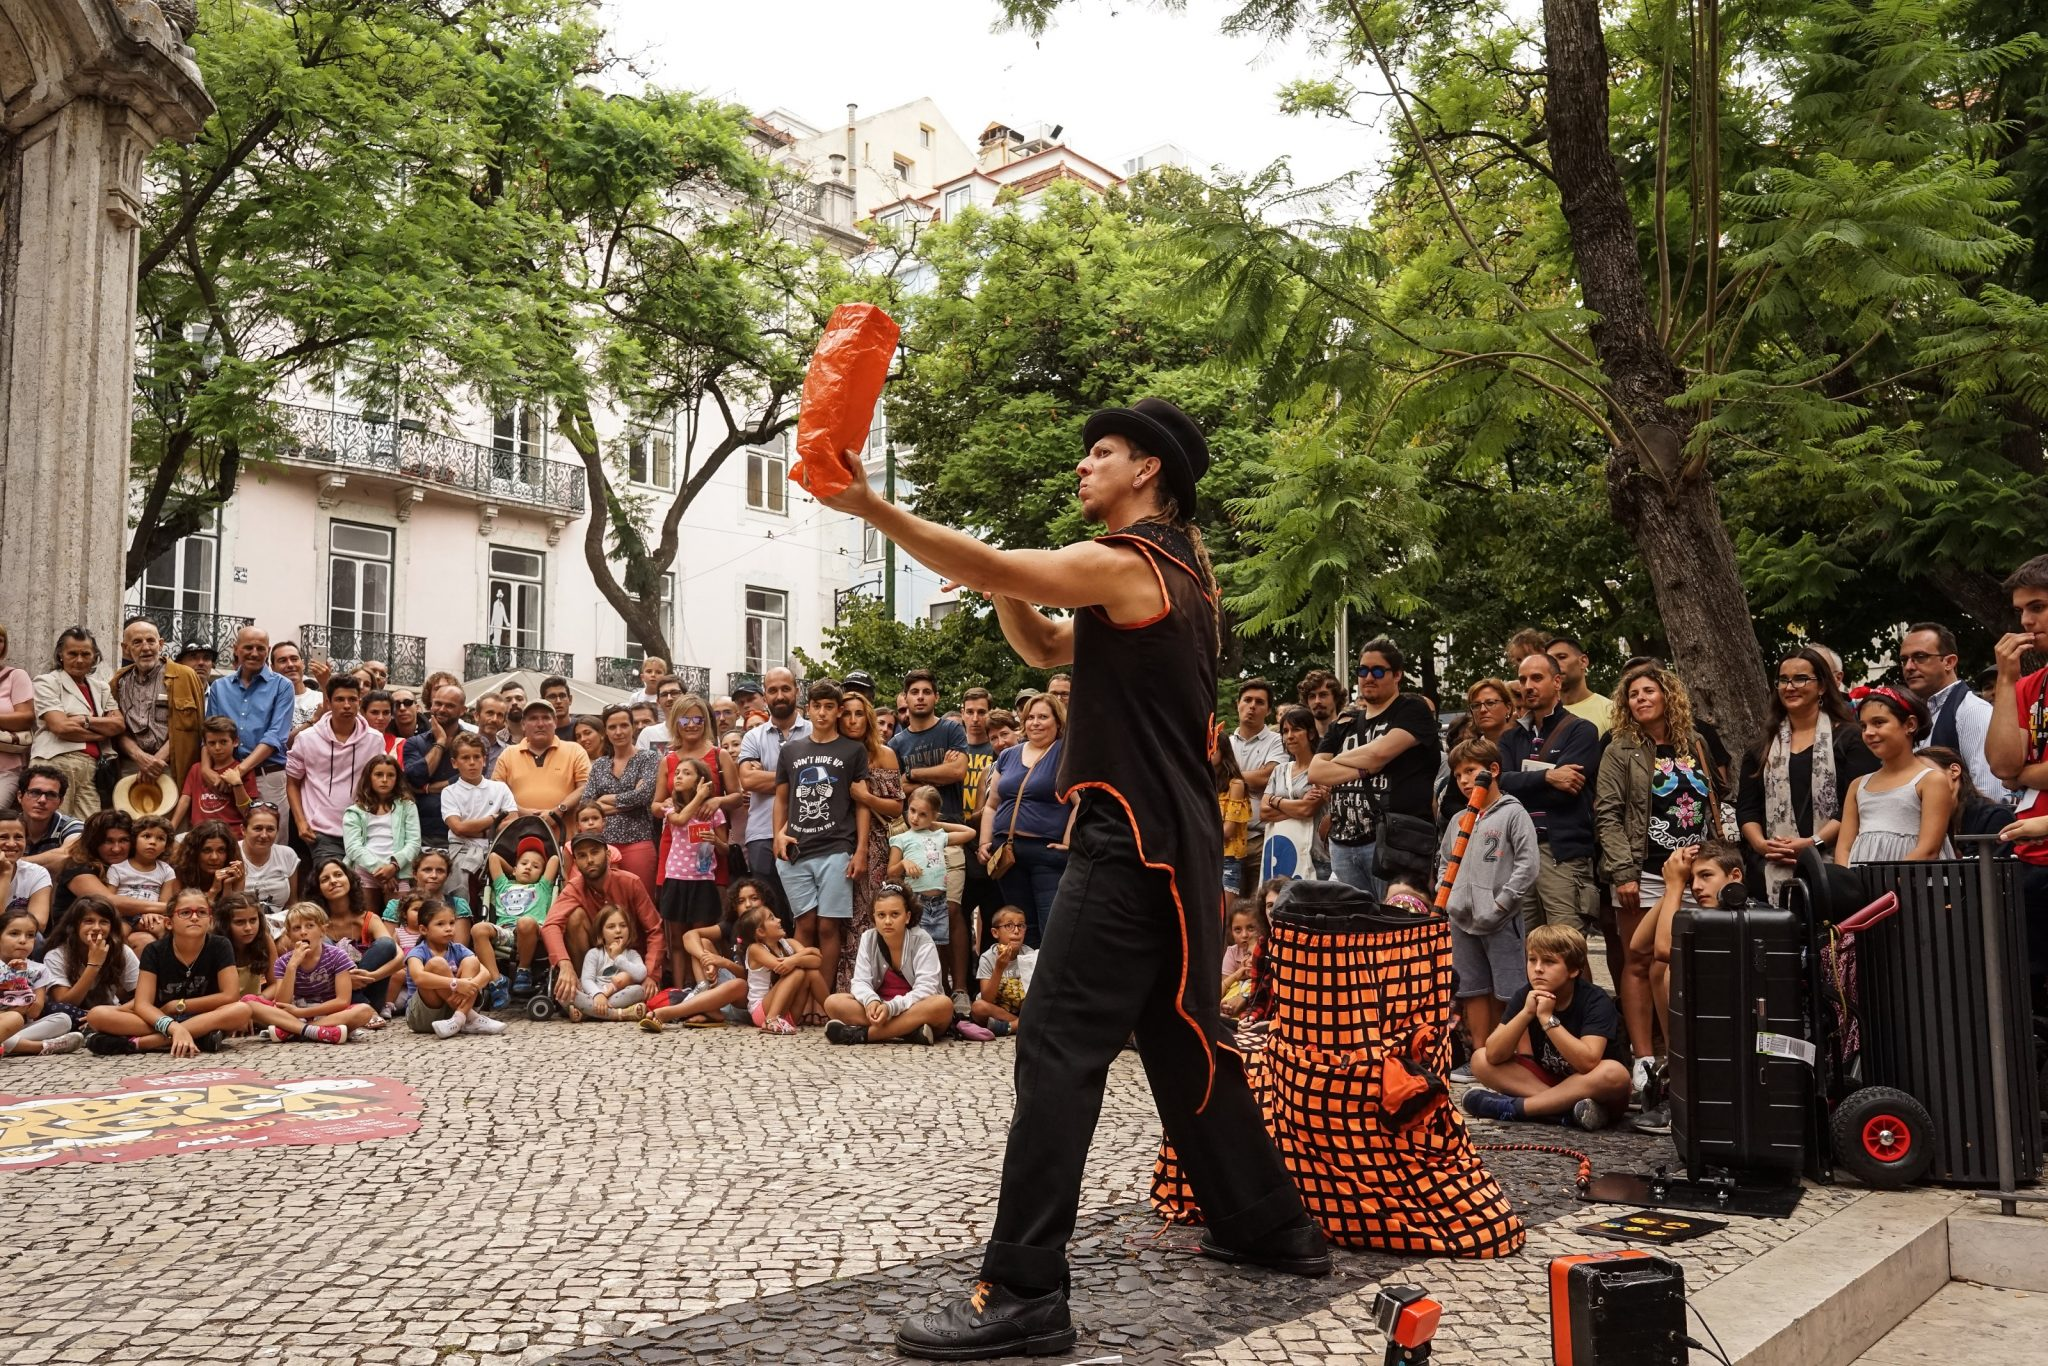 De lado para o observador, no centro da imagem, um homem com roupa preta e laranja e um chapéu preto, segura na palma da mão um pequeno saco cor de laranja. À sua volta, crianças e adultos, sentados e de pé, de frente para o observador, assistem ao espetáculo.